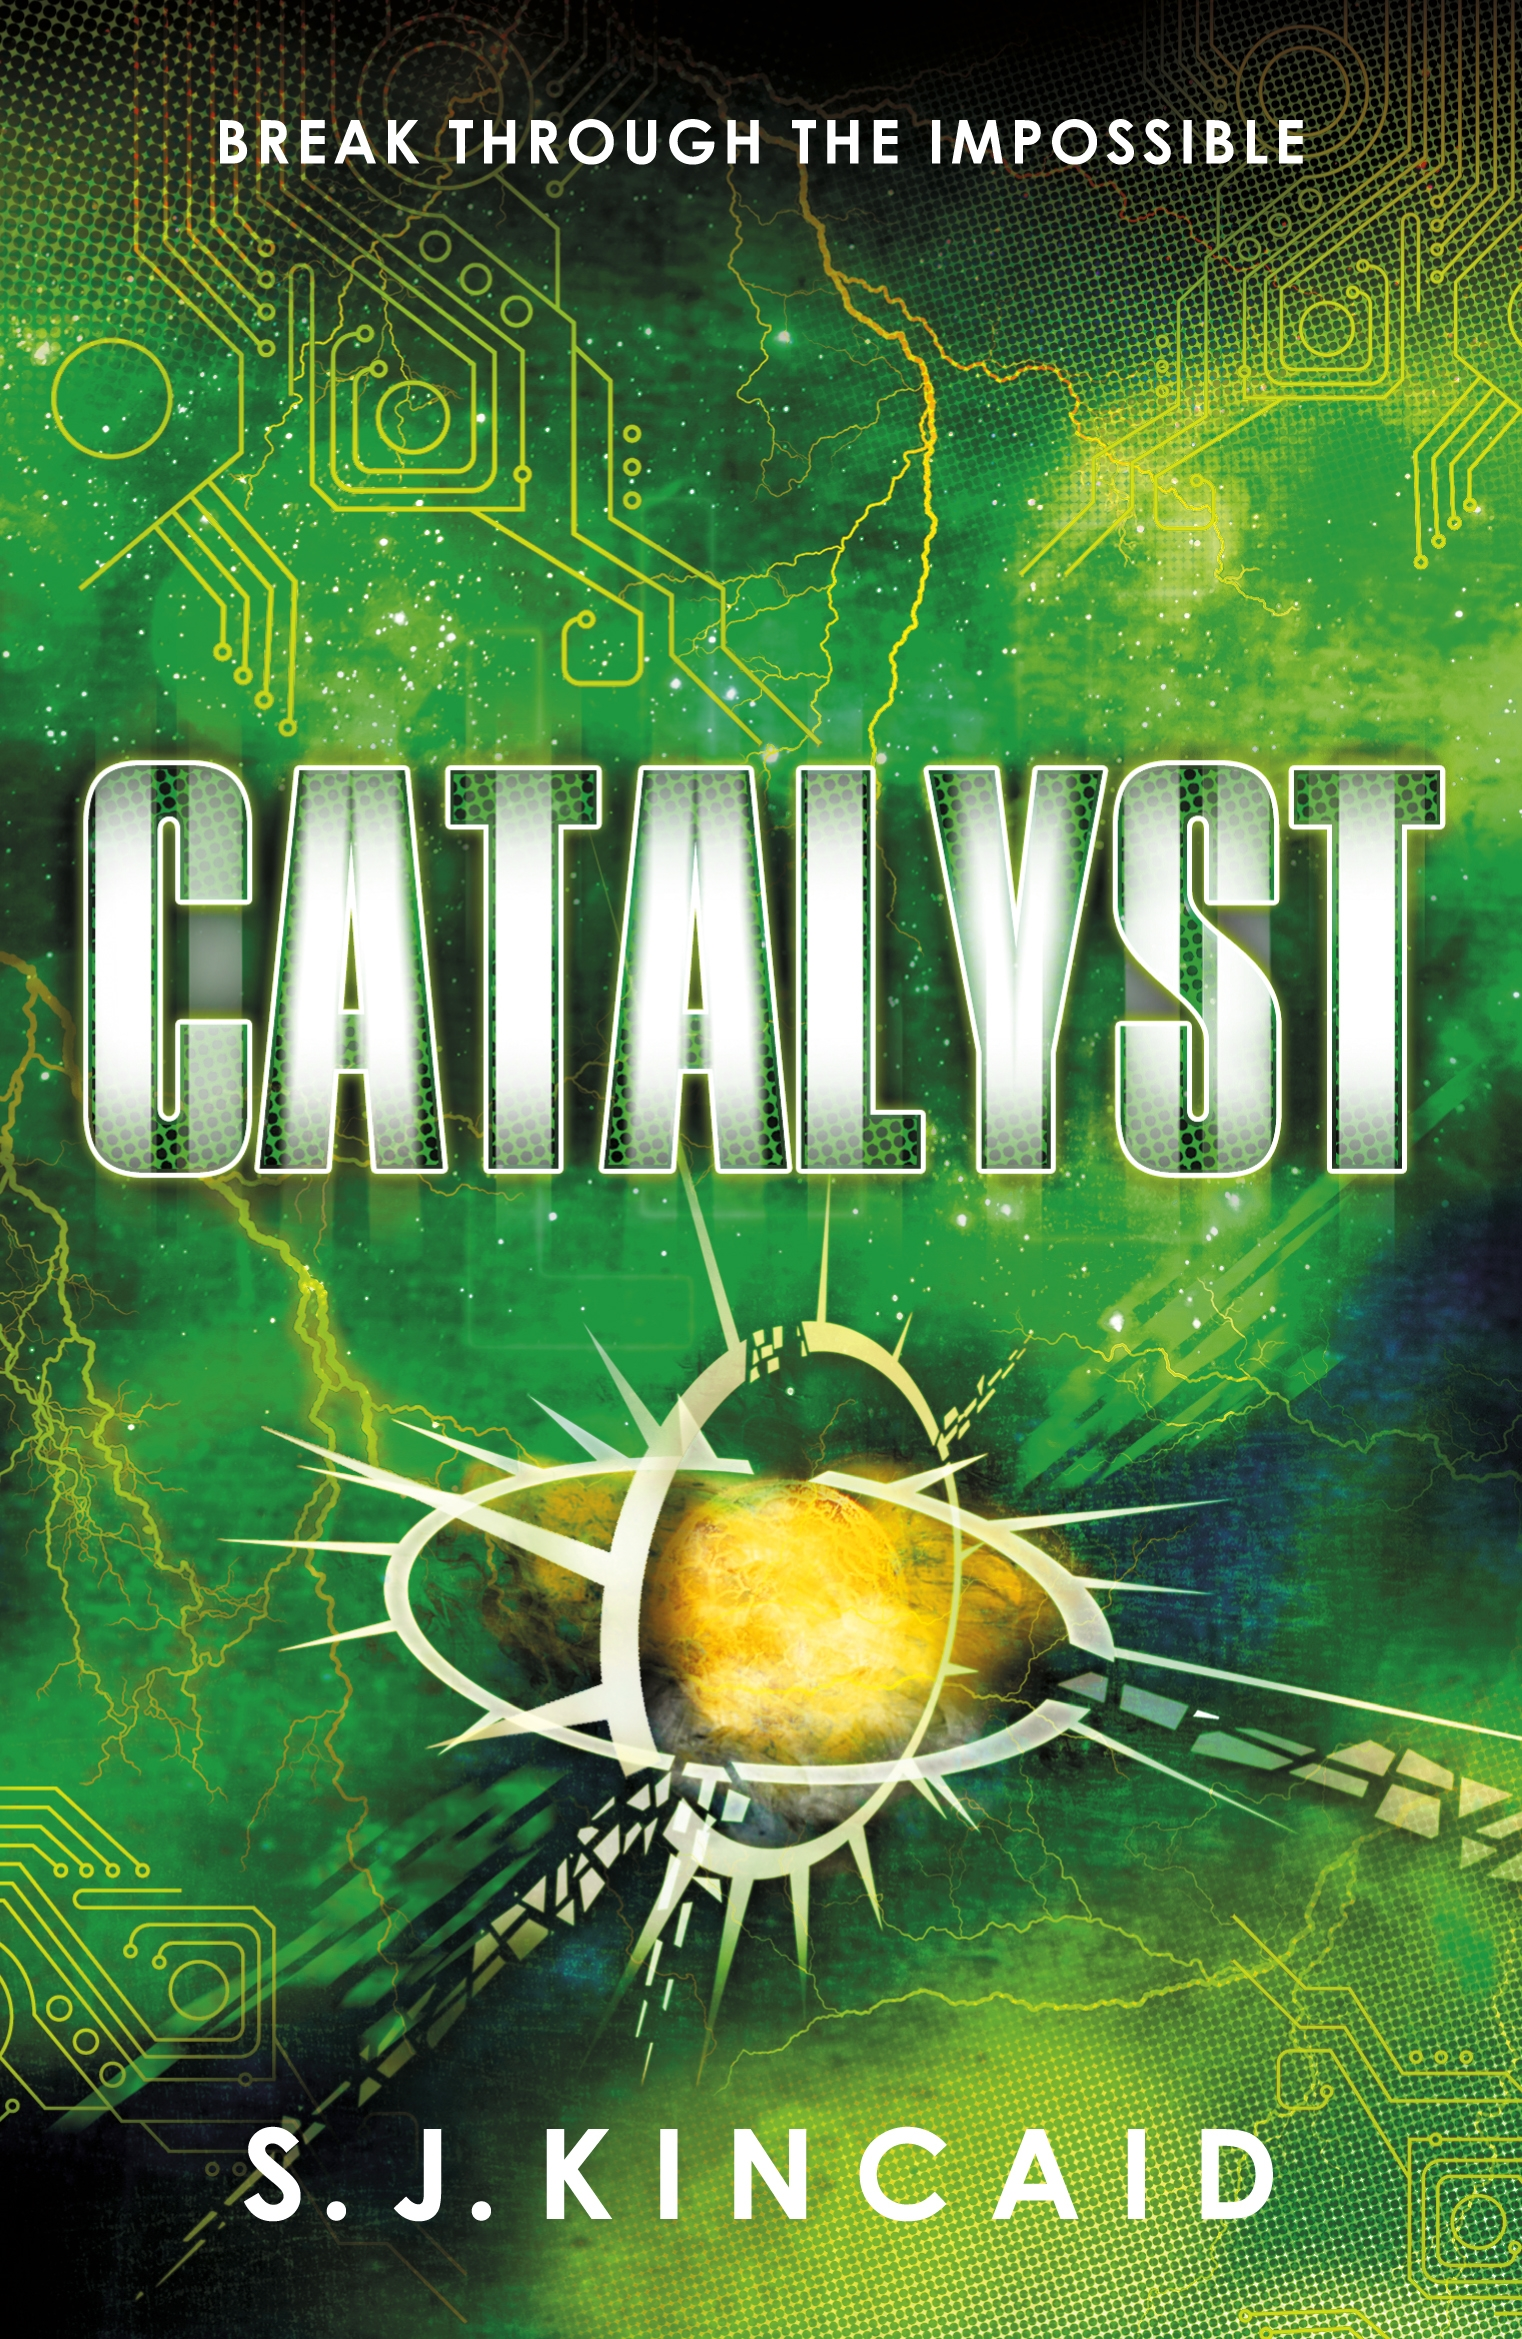 Catalyst by S. J. Kincaid